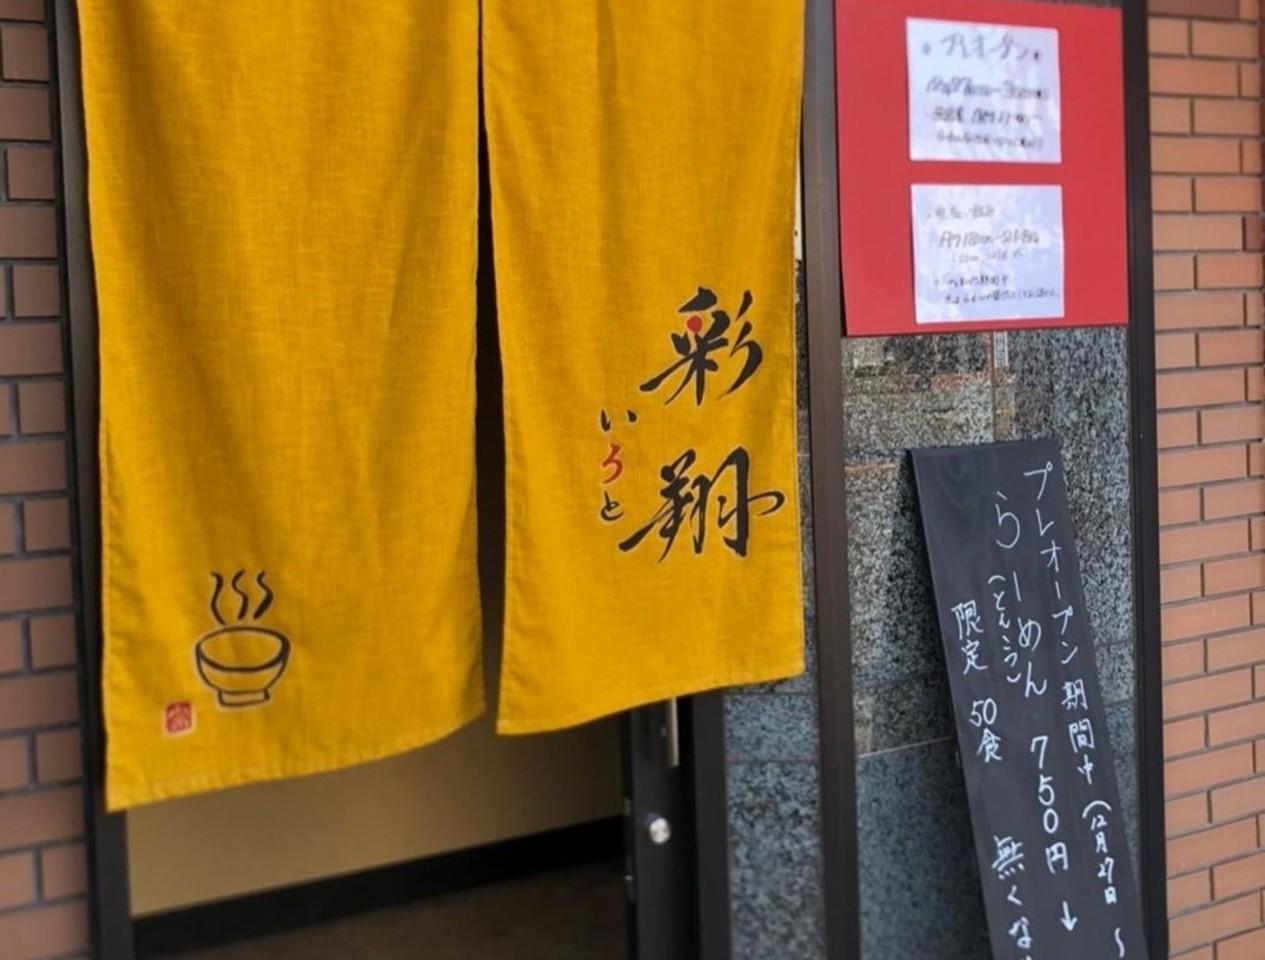 兵庫県淡路市浦にラーメン屋「彩翔-いろと-」が12/27オープンされたようです。